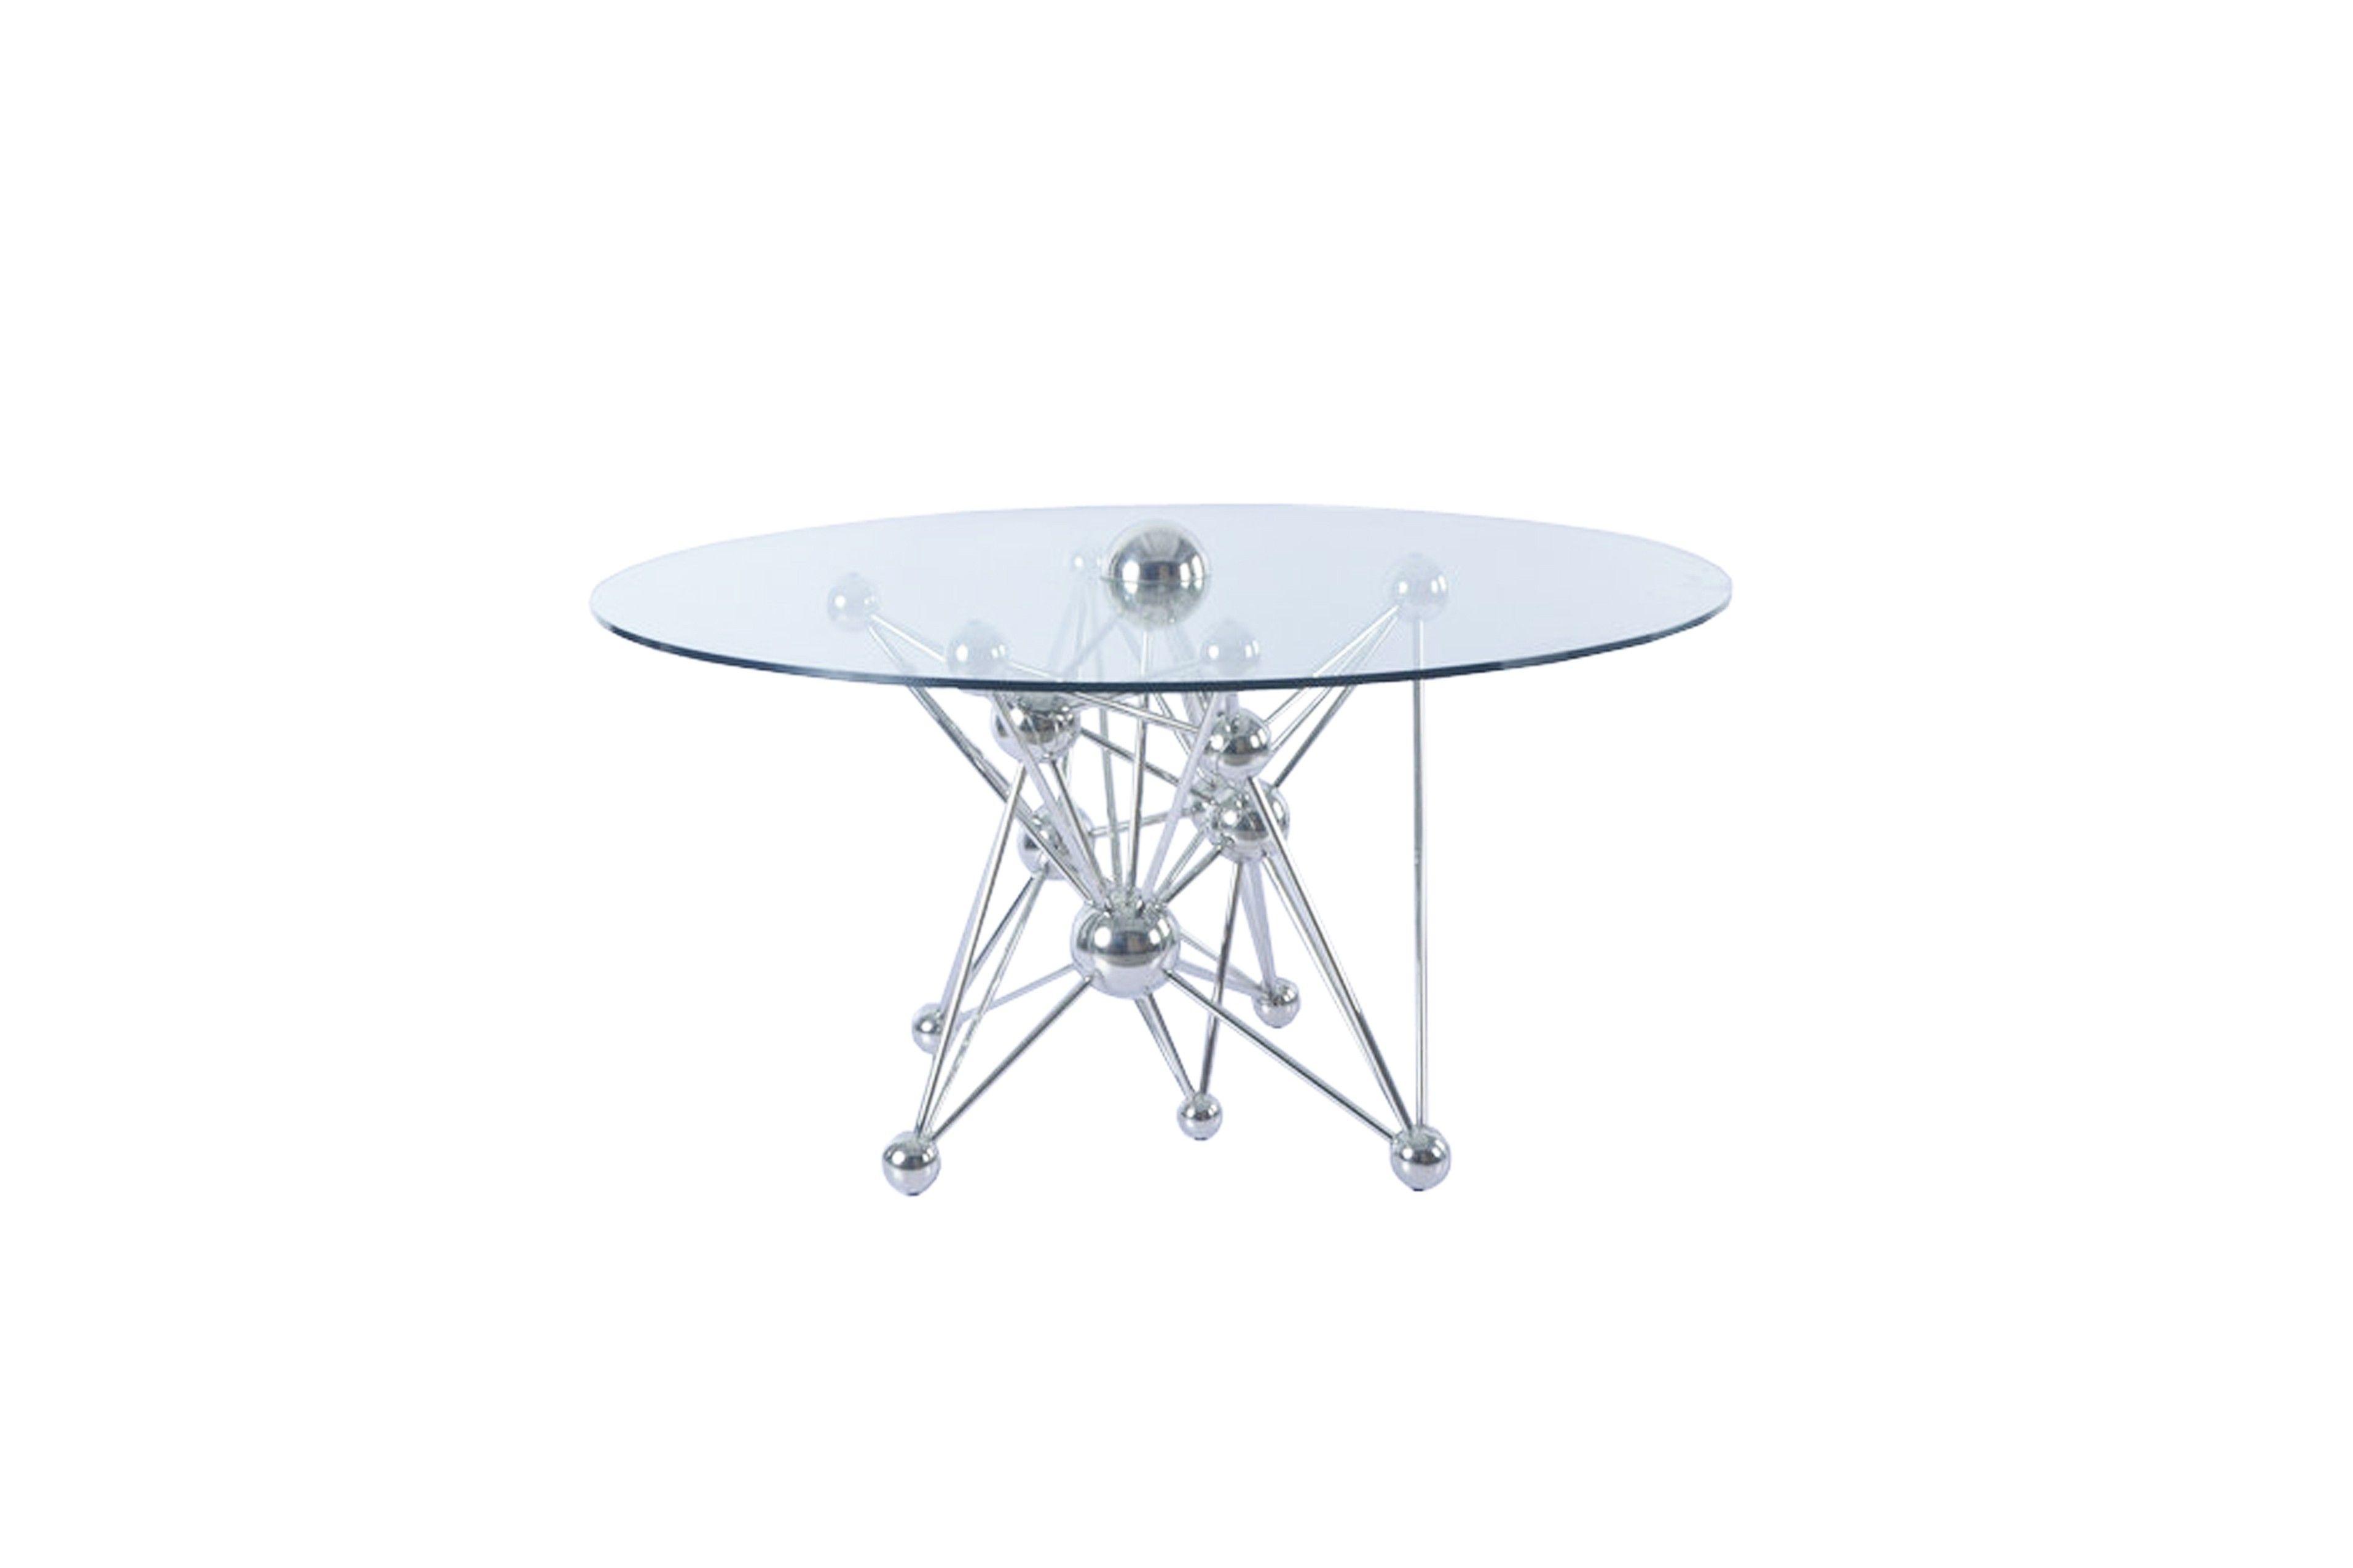 Tavolo Xz3 Tisch Tisch Rund Weiss Esstisch Rund Weiss Und Tisch